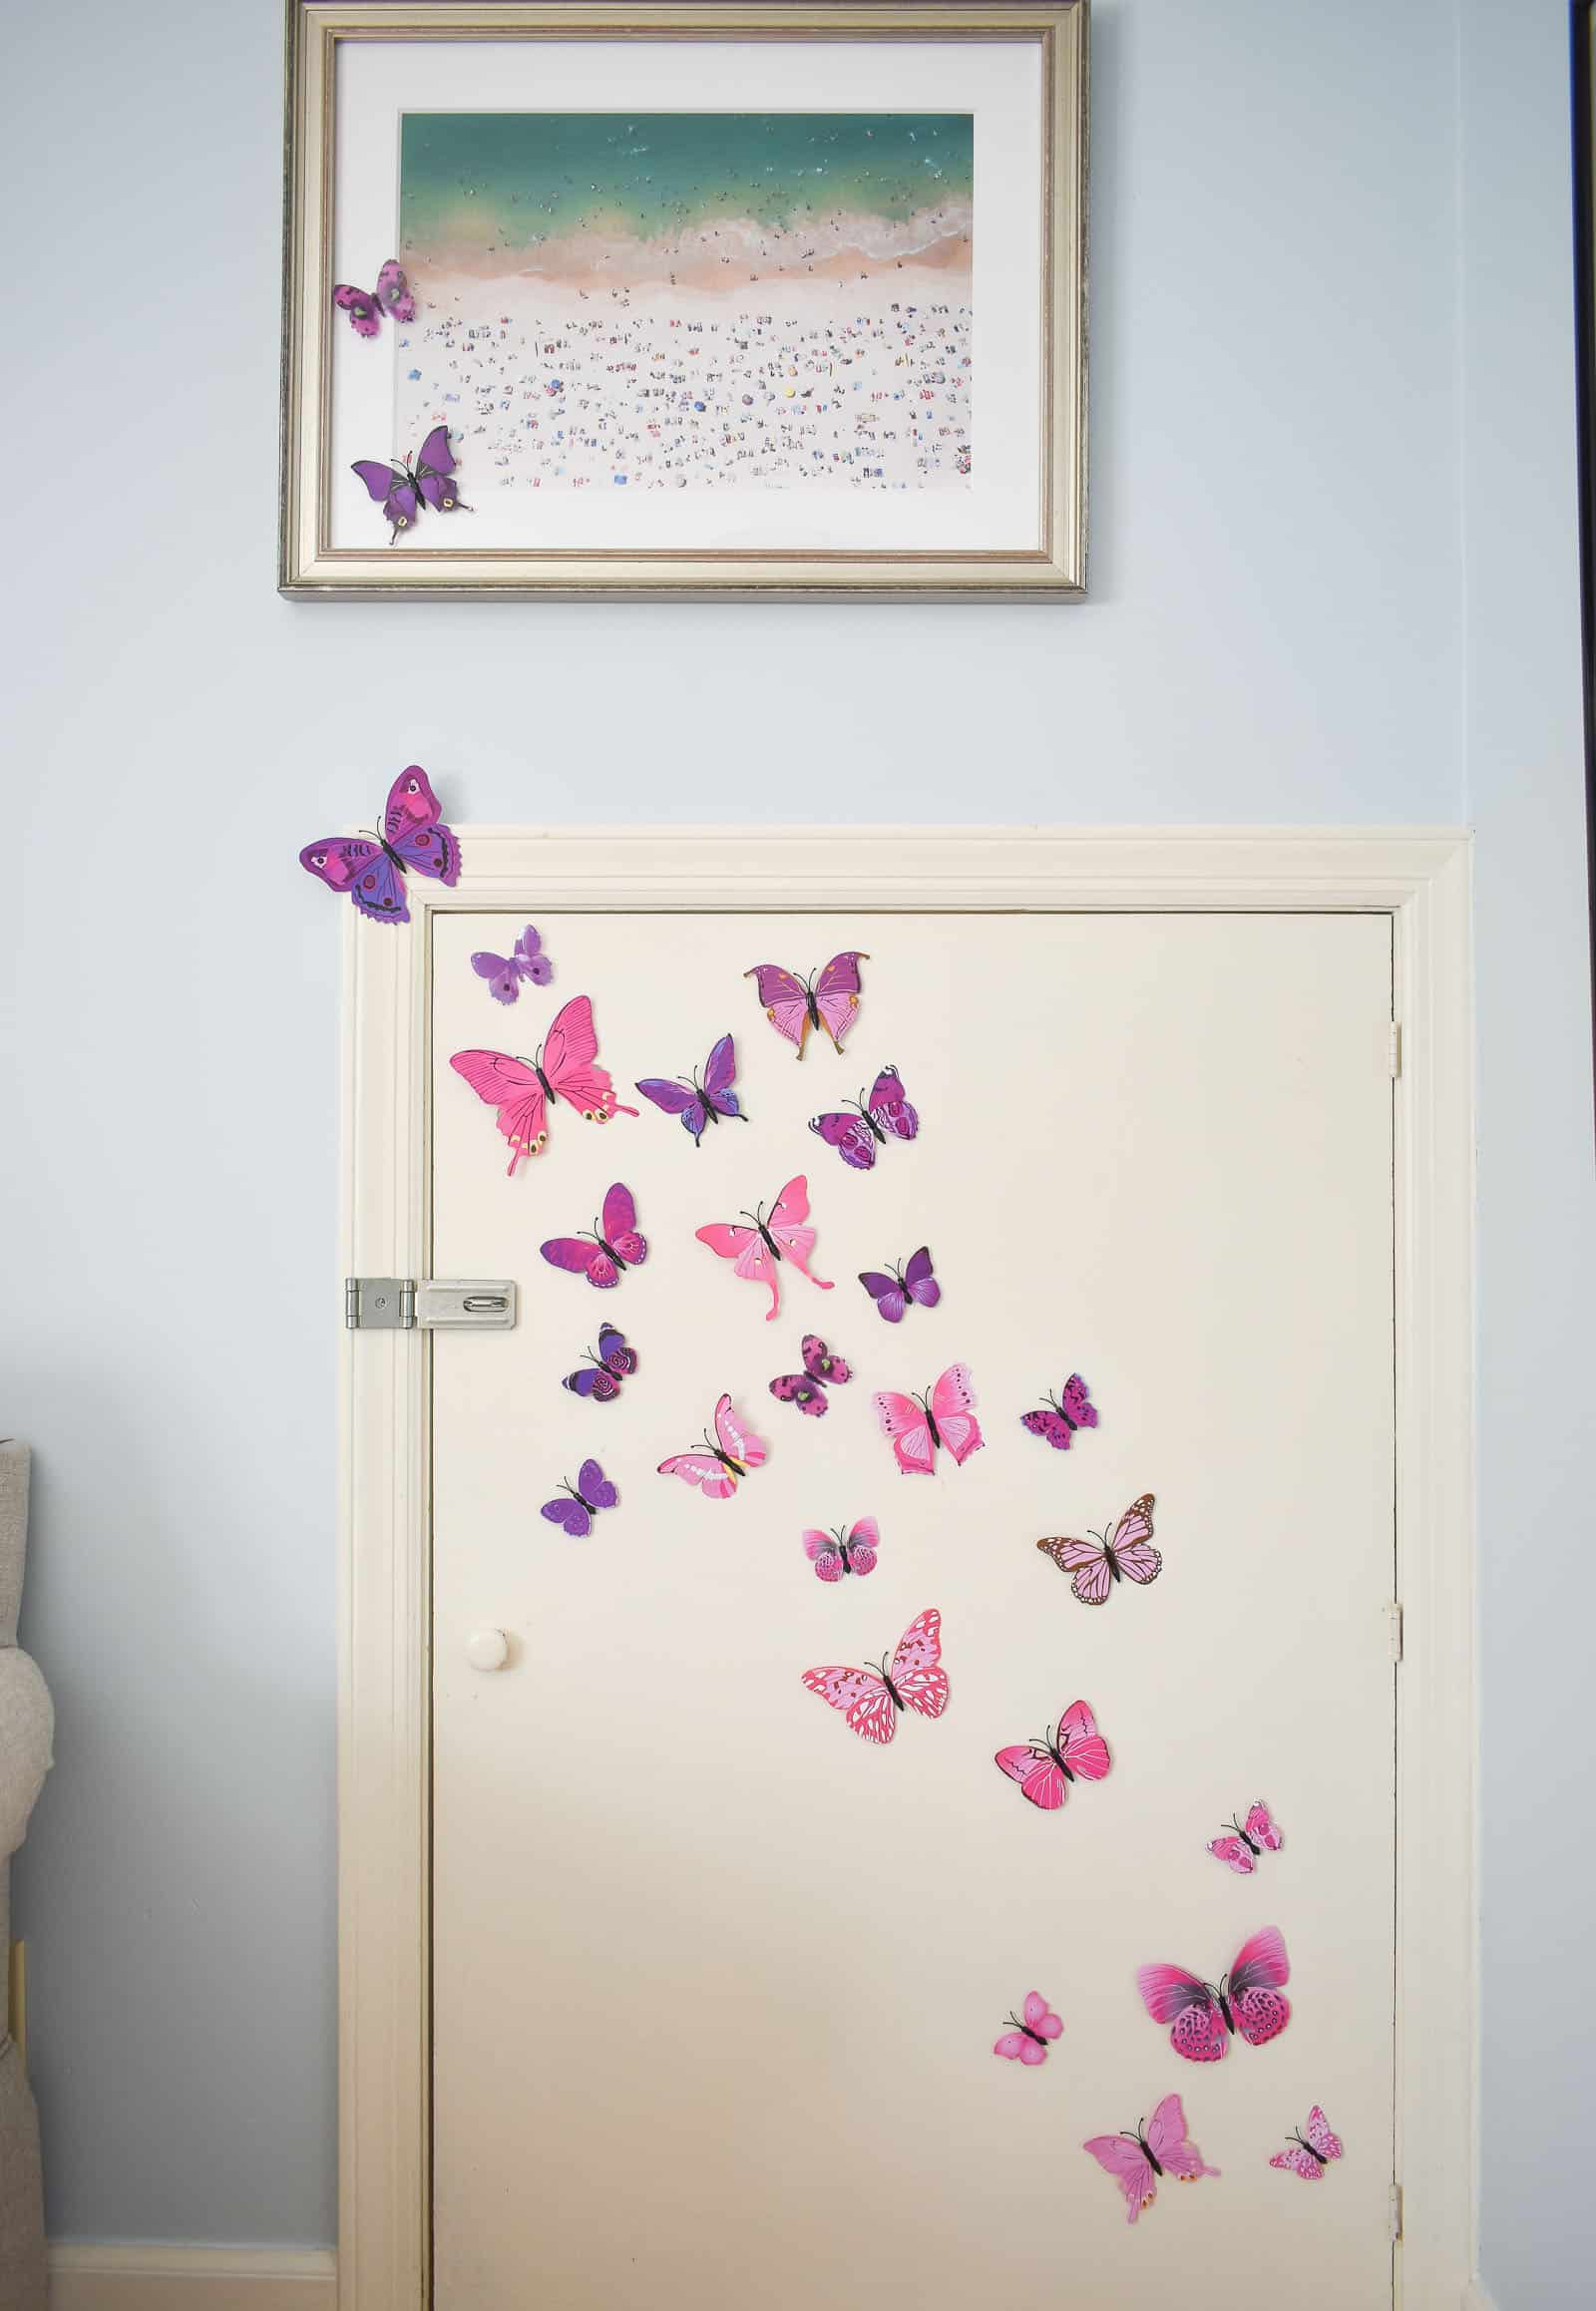 hang larger butterflies first